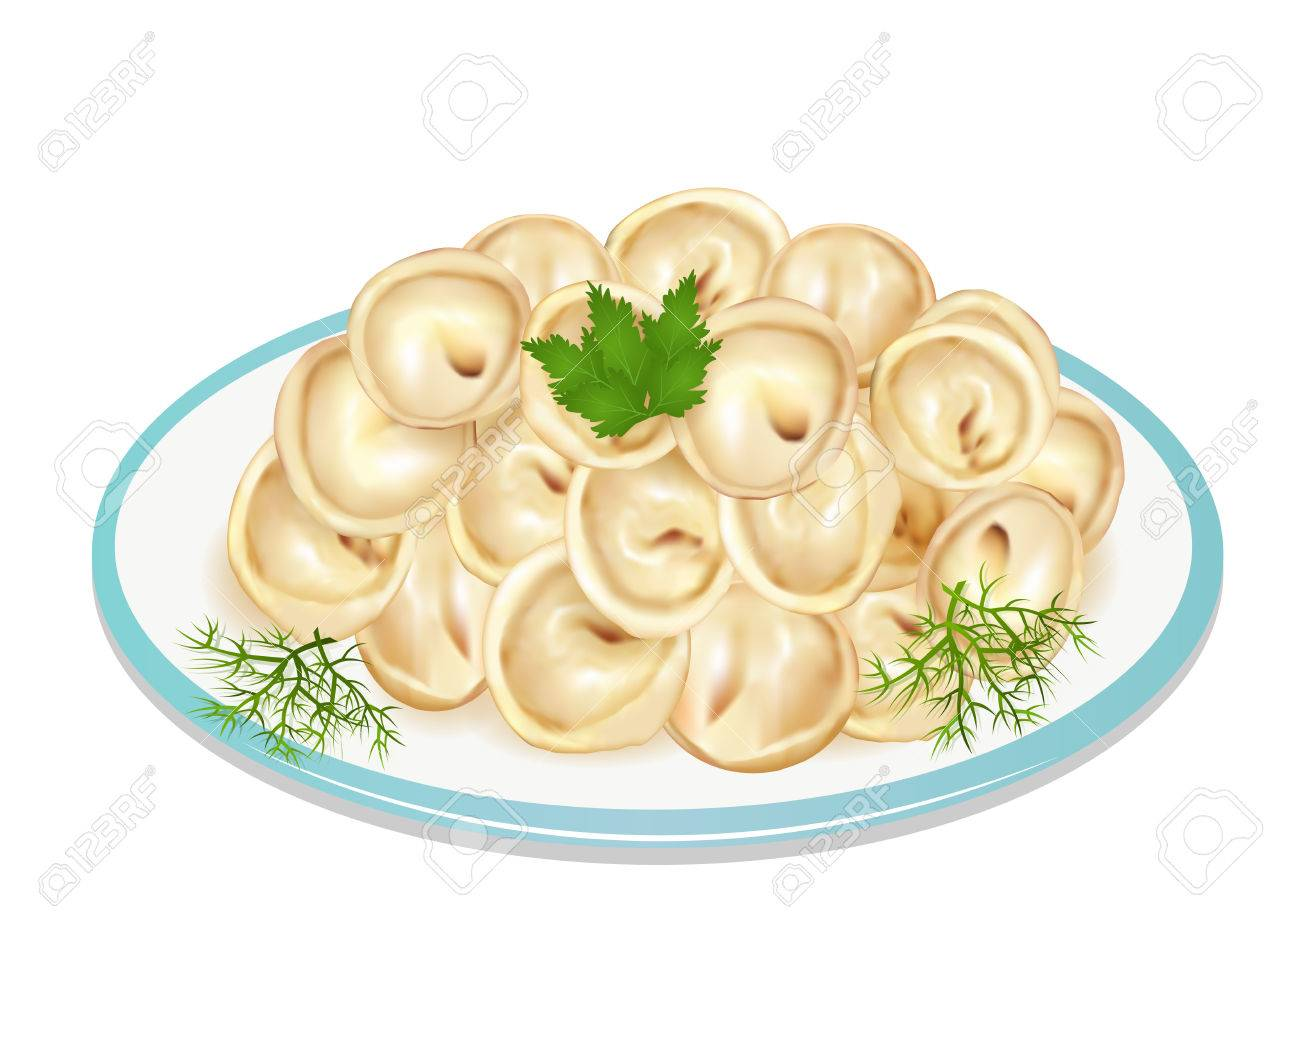 皿の上の餃子のイラストのイラスト素材ベクタ Image 85346790